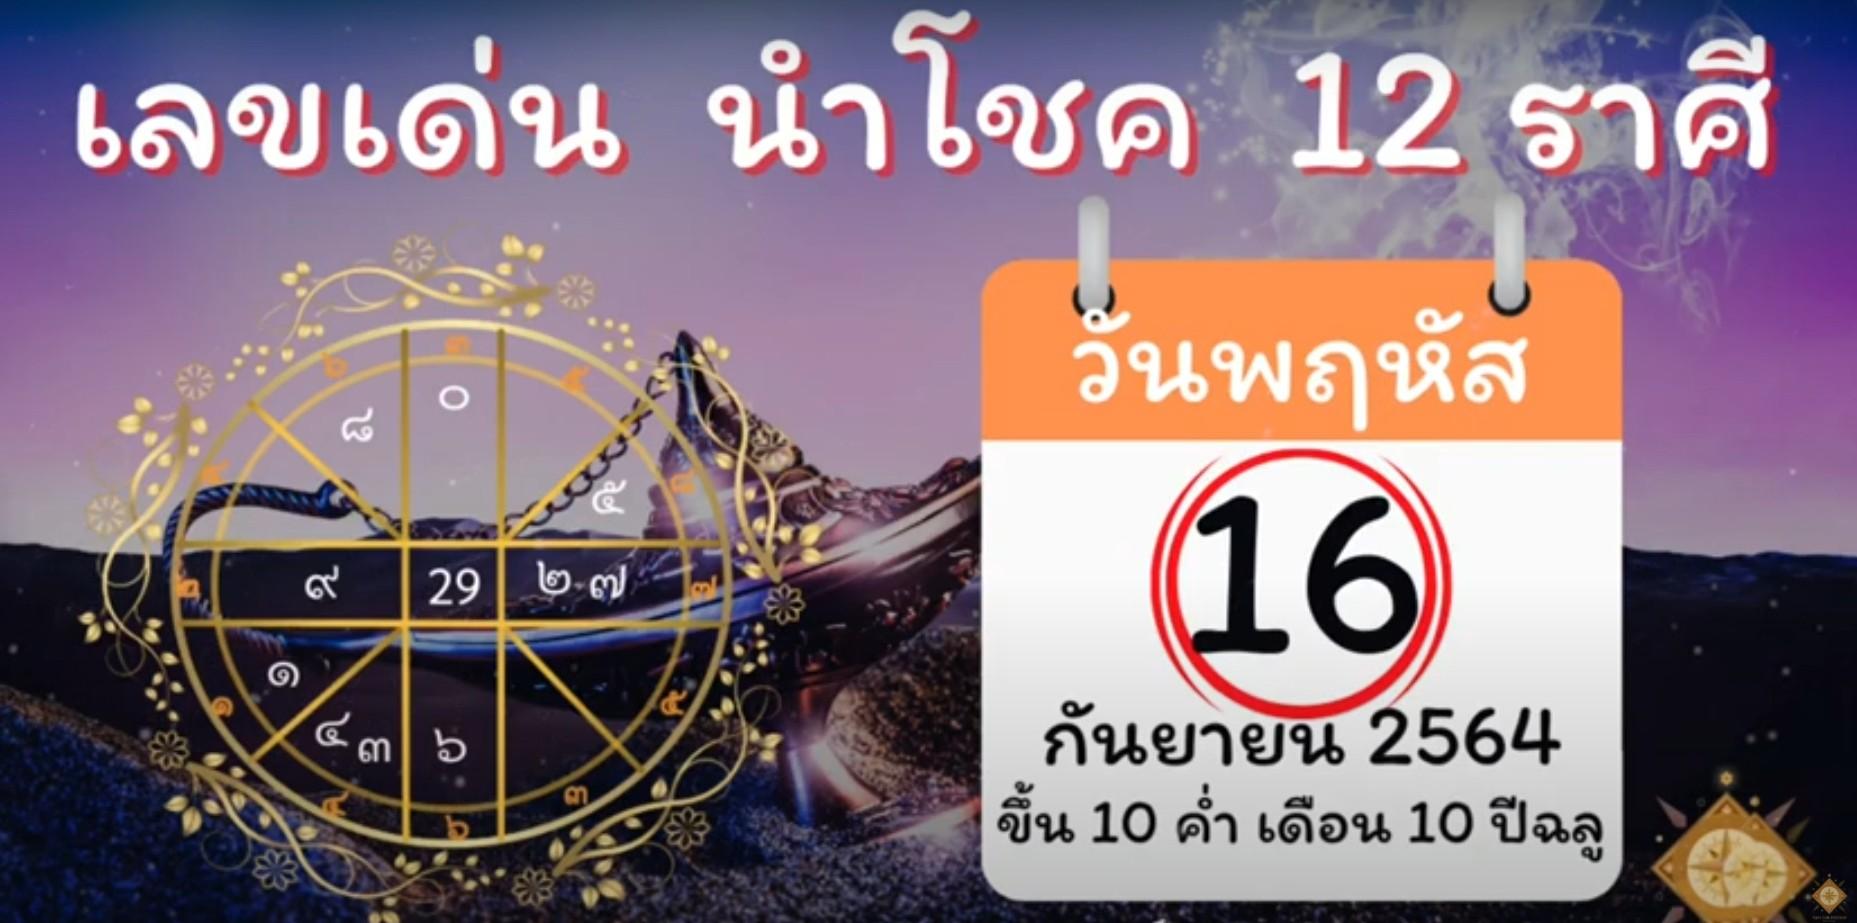 เลขเด่น นำโชค ประจำวันที่ 16 กันยายน 2564